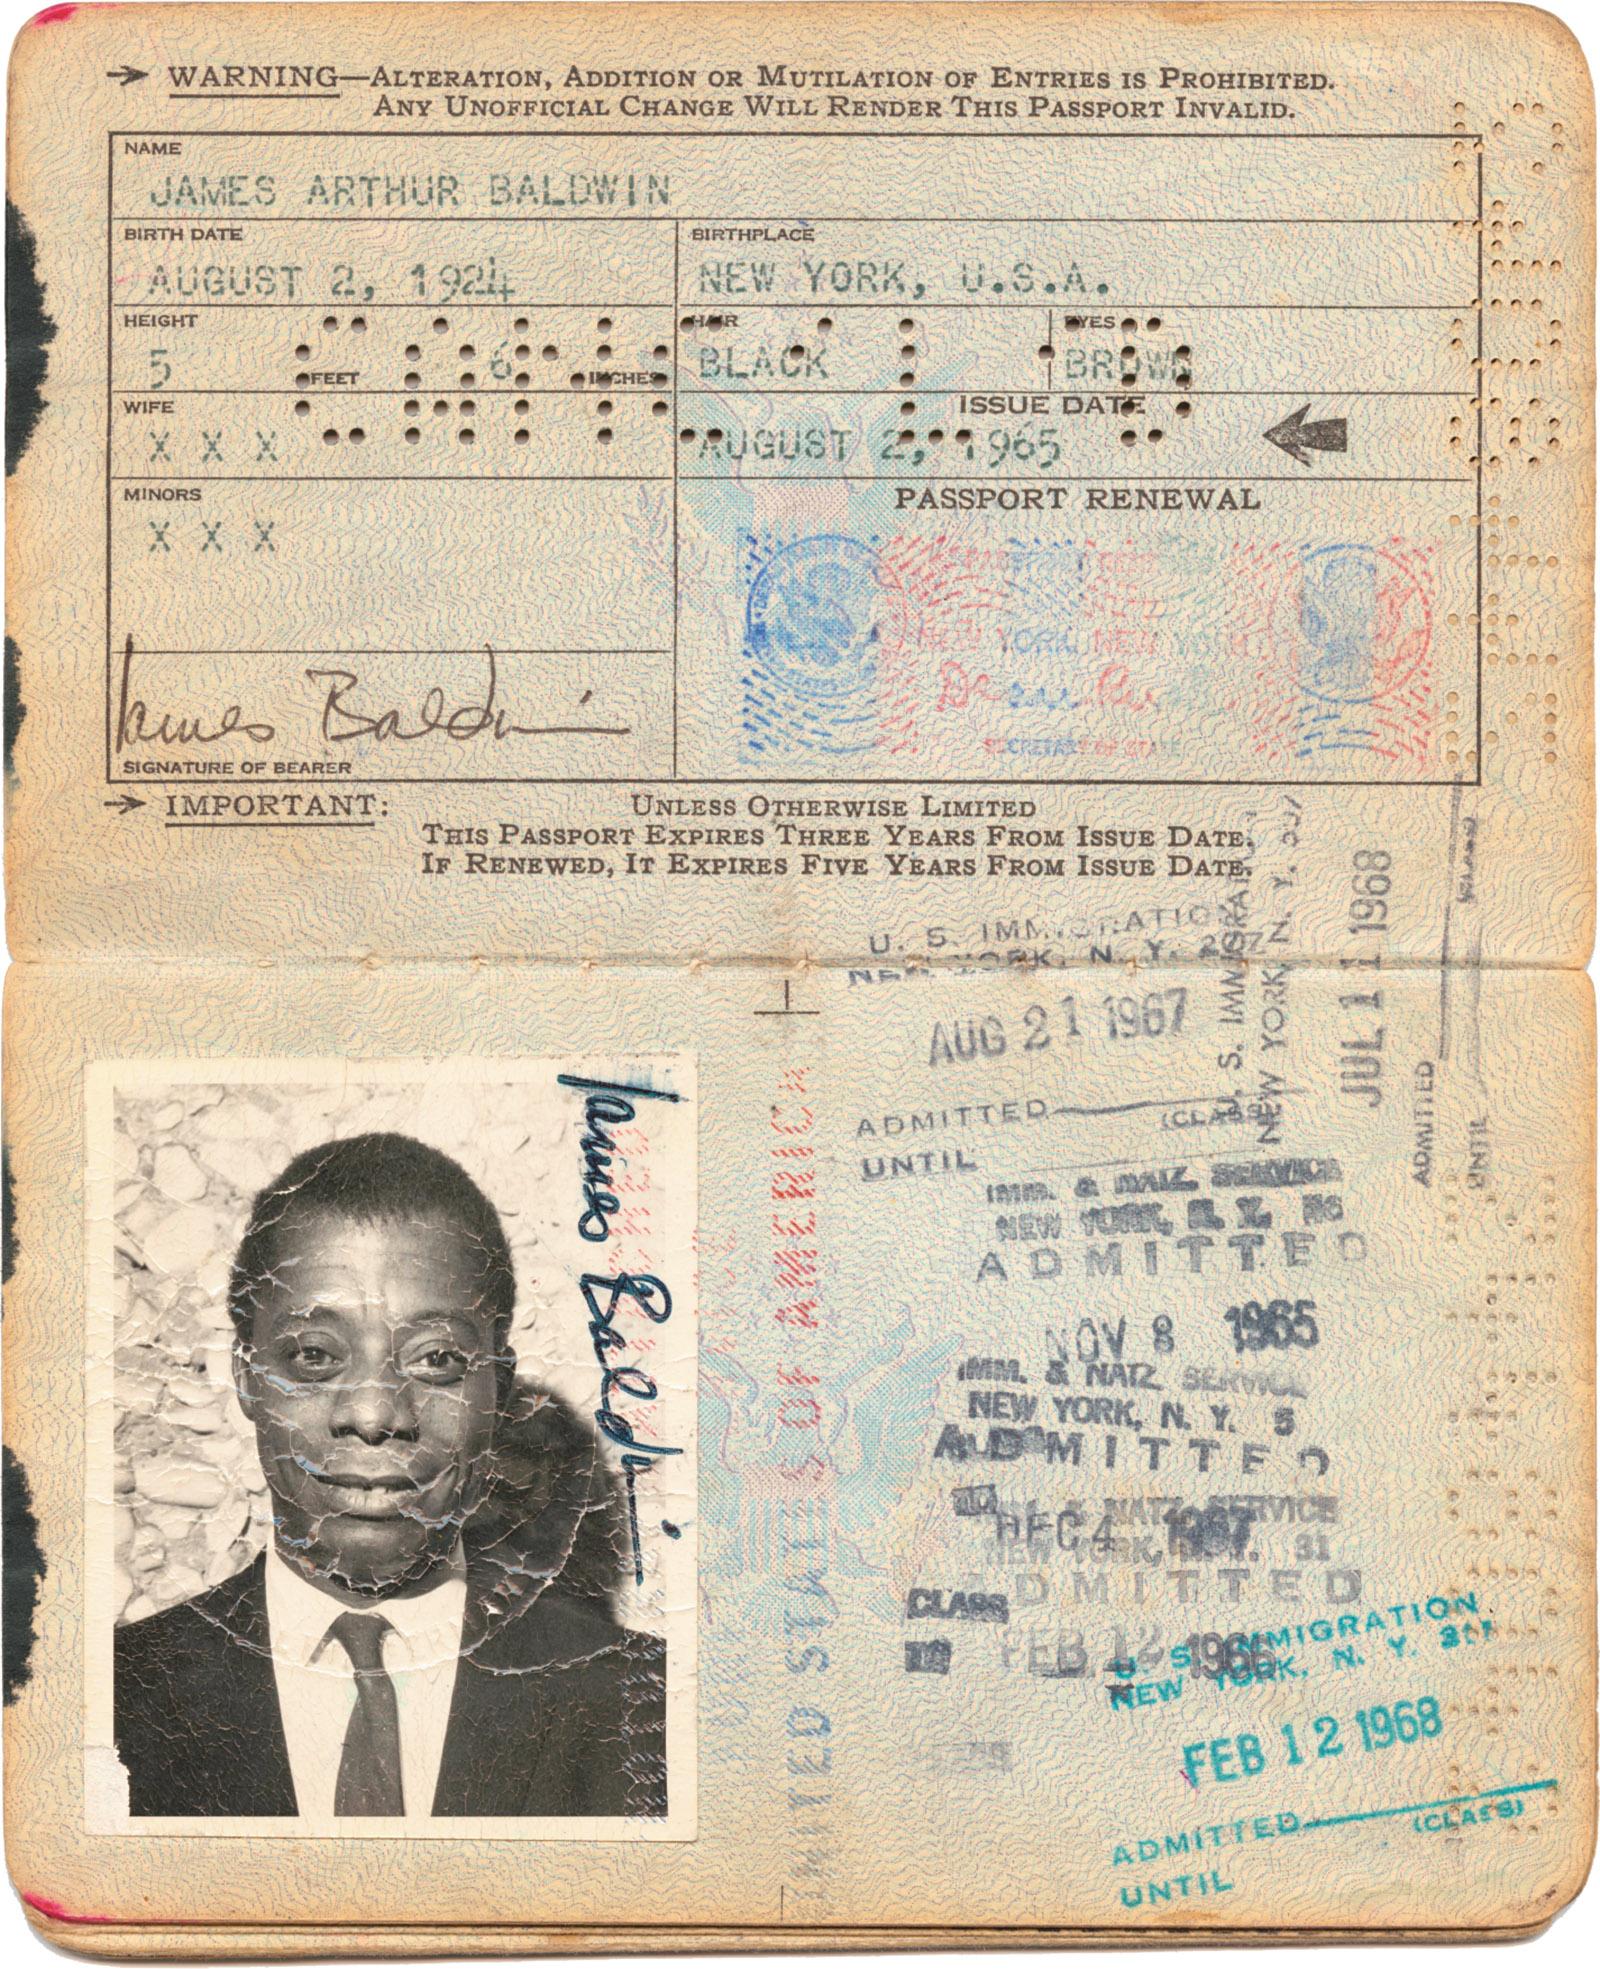 James Baldwin's passport, issued in 1965